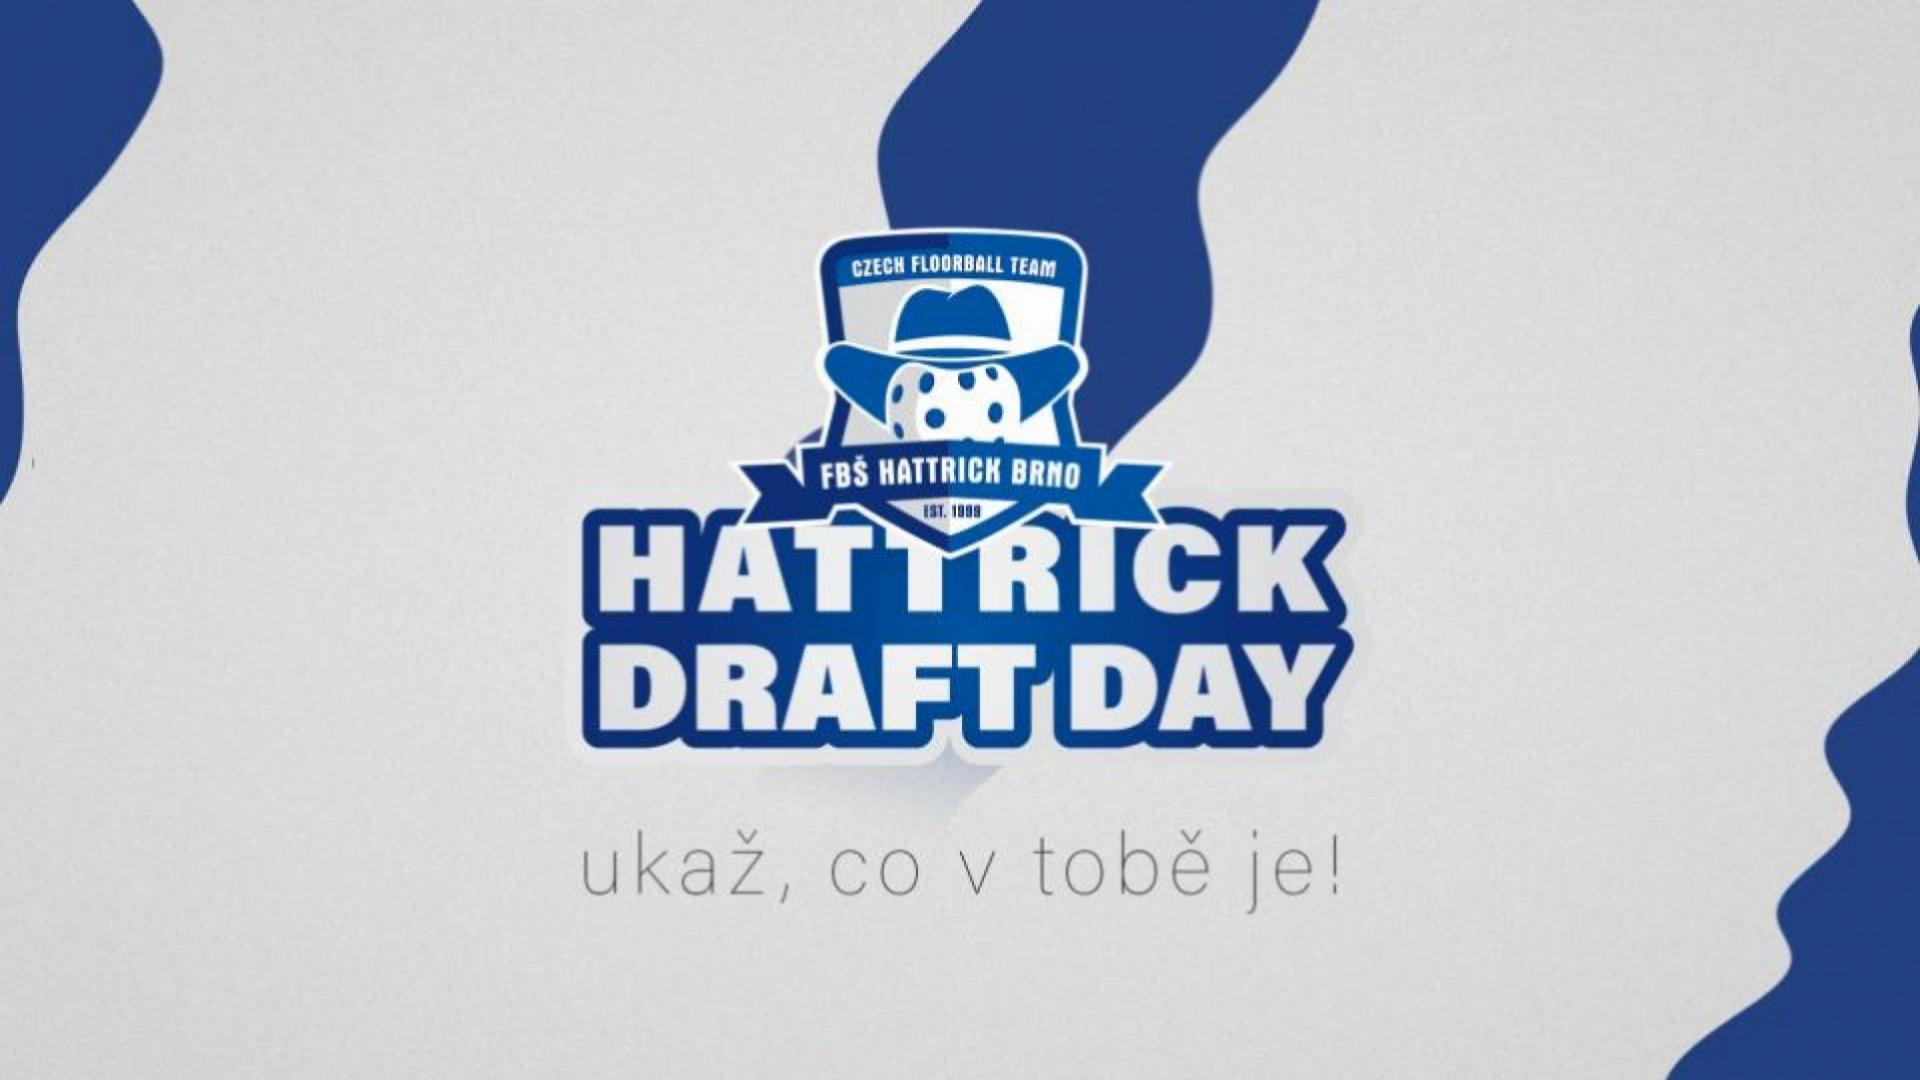 Staň se hráčem klubu na Hattrick Draft Day 2020!